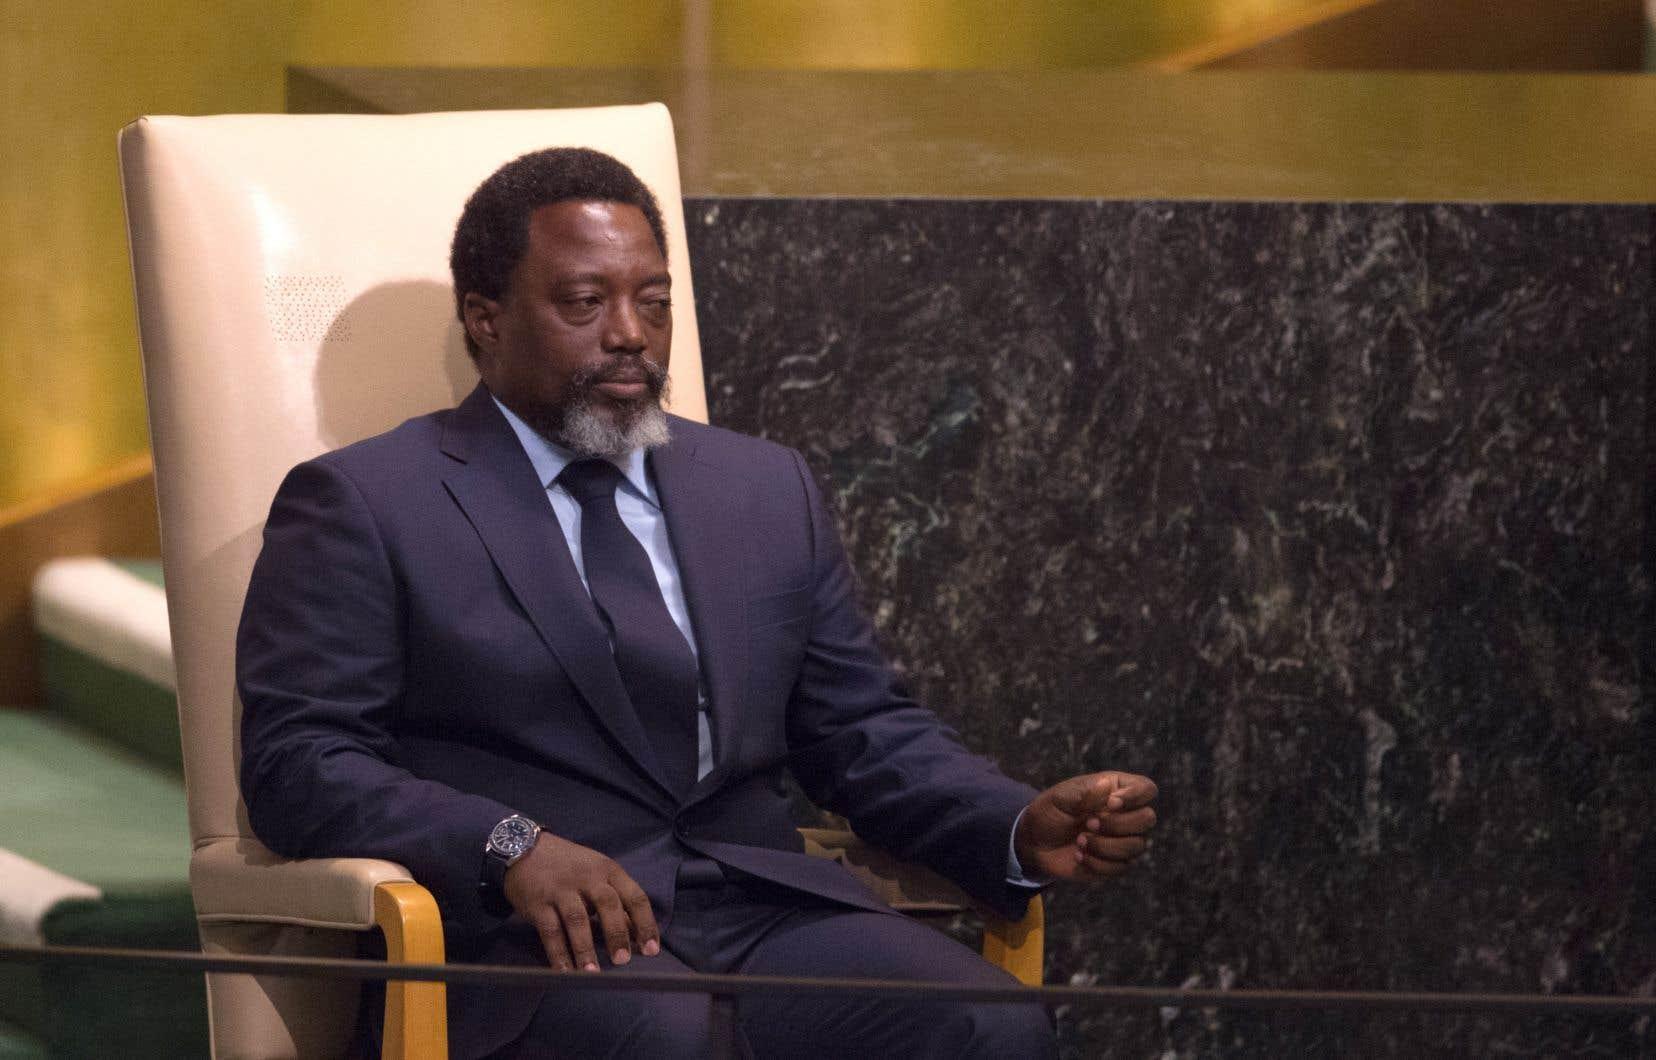 Le président de la République démocratique du Congo, Joseph Kabila